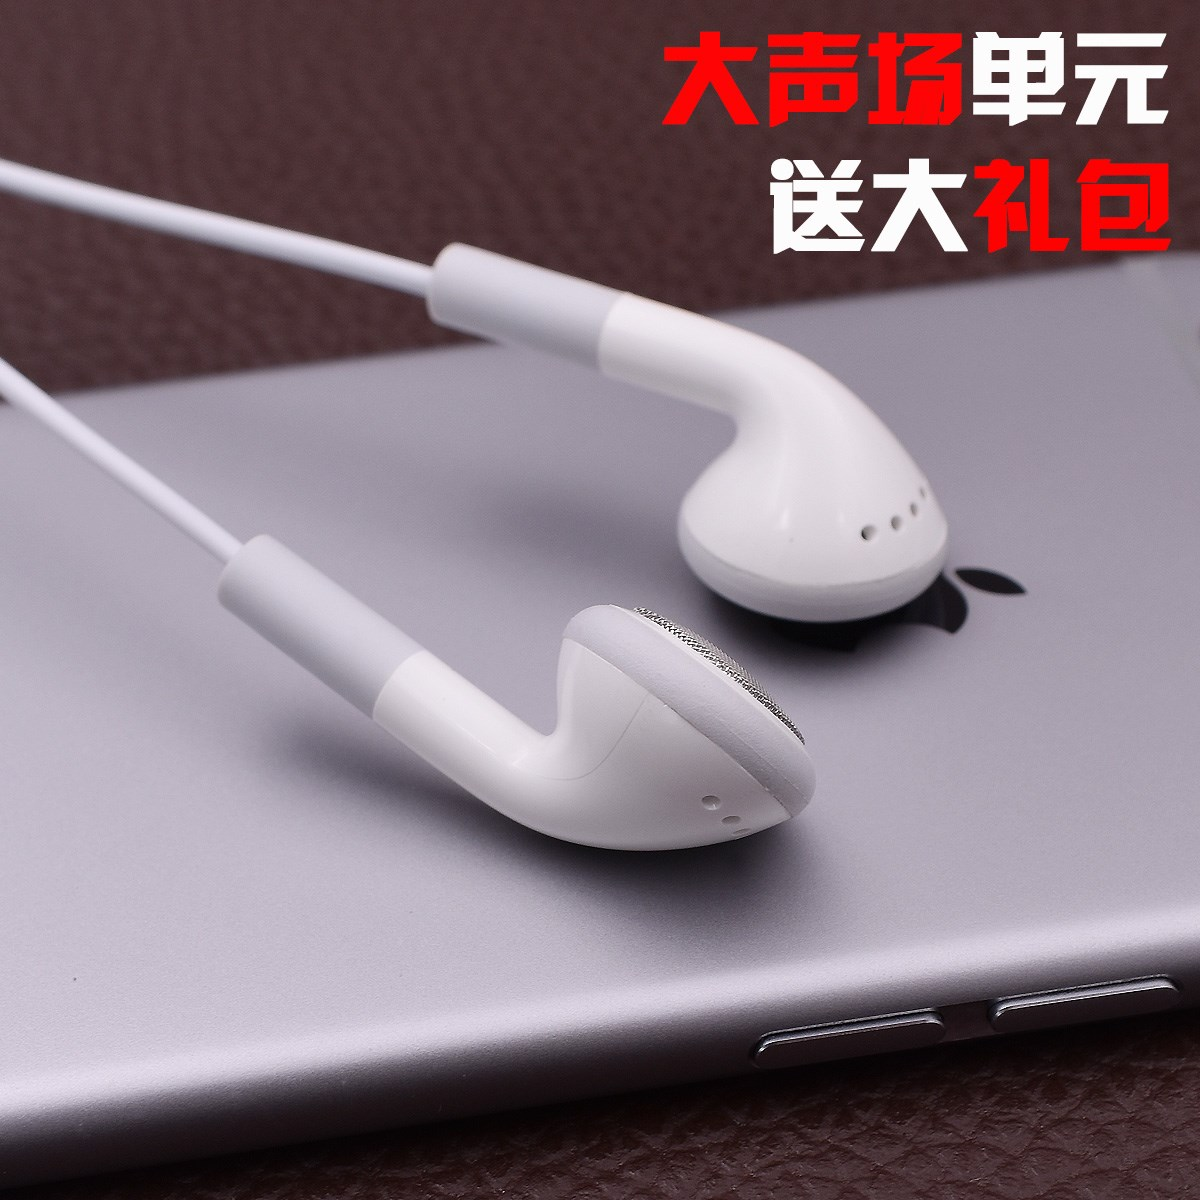 电脑普通用加长线有1.2/2米版入耳塞式女生耳机老式圆头圆孔